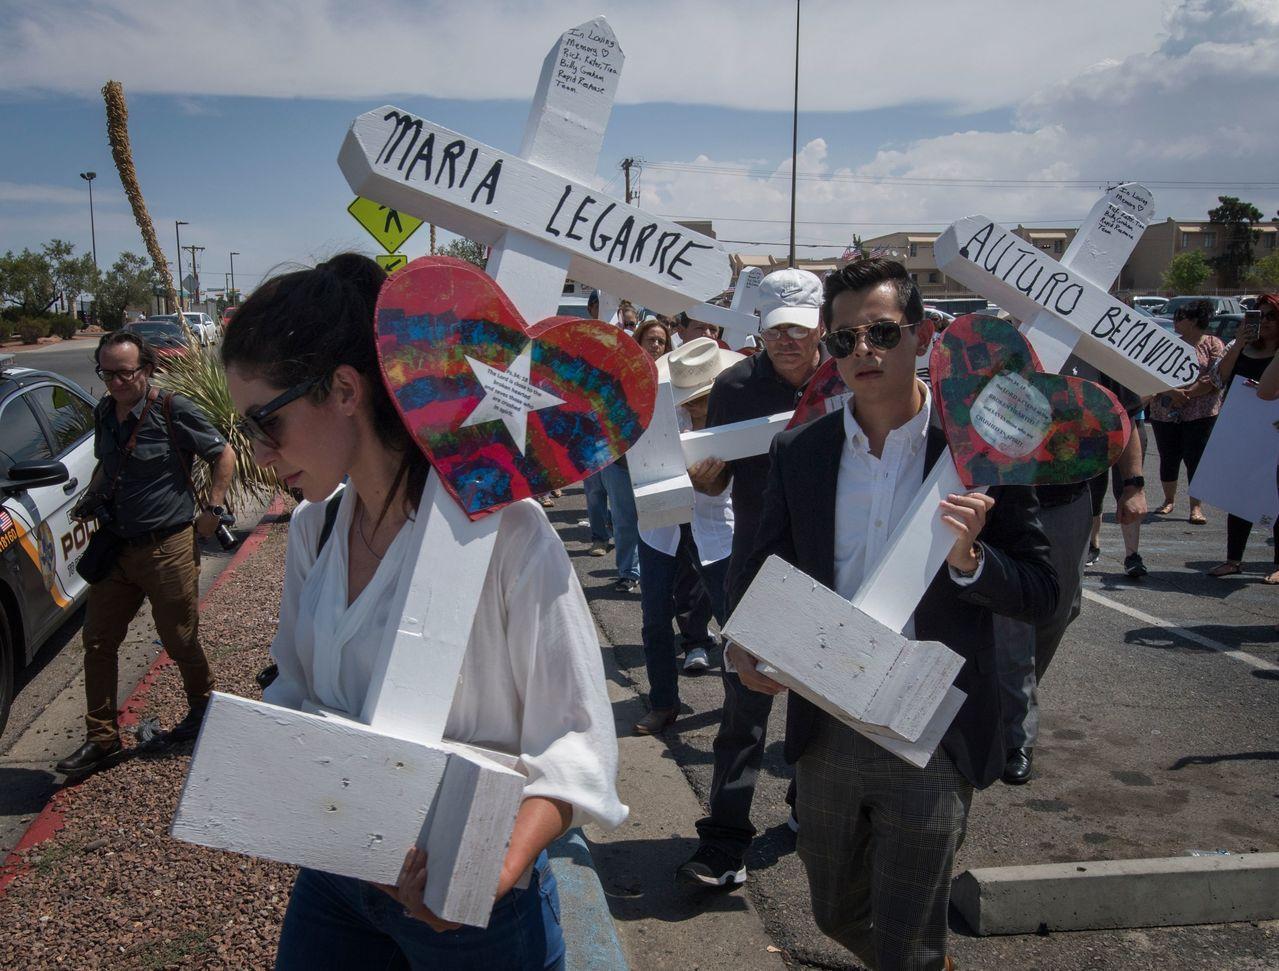 德州民眾舉著十字架,上面寫著槍擊案死者姓名,追悼在艾爾巴索無辜喪生的民眾。 法新...